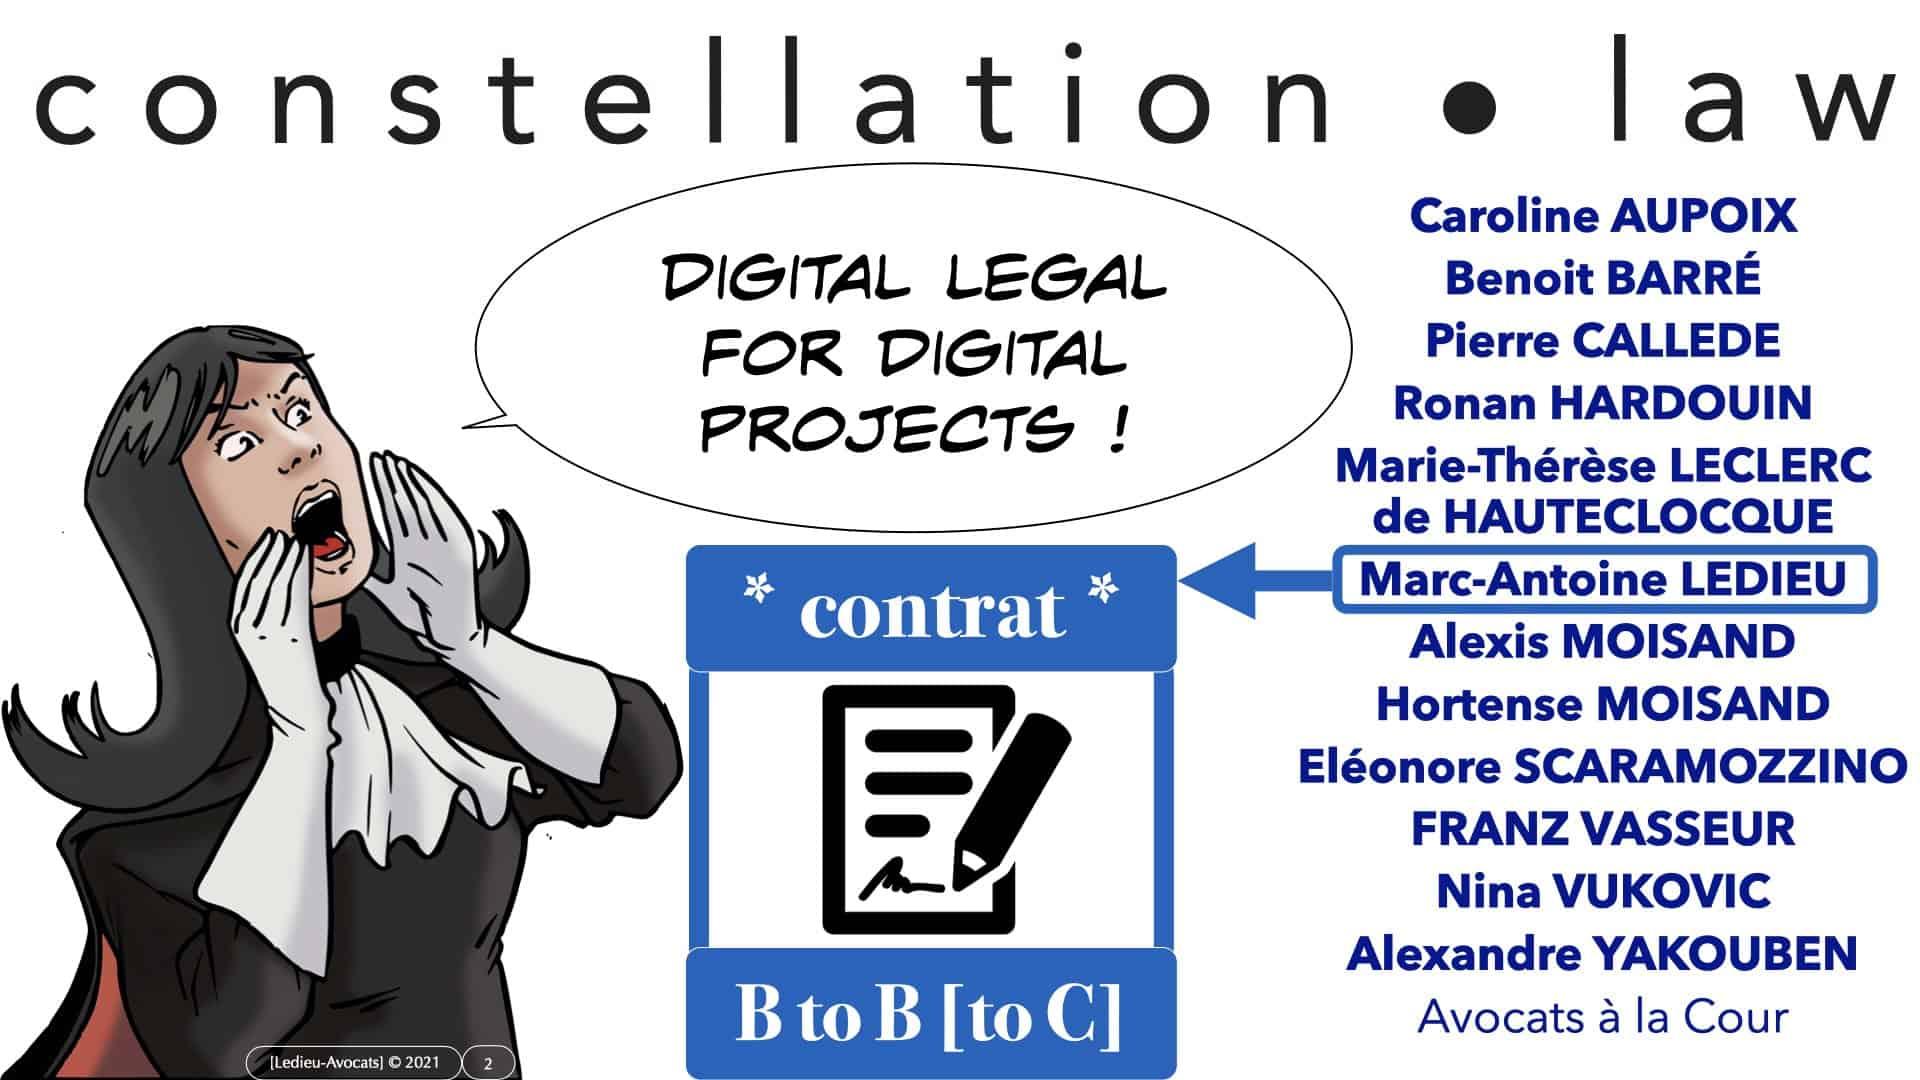 324 cookie et détection de la fraude CLUB Lexis Nexis Risk ©Ledieu-Avocats 04-02-2021.002